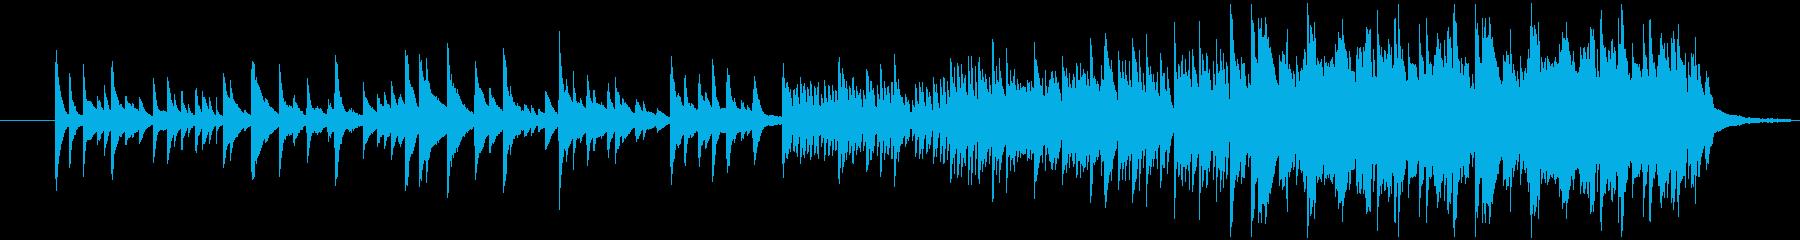 響きが力強いピアノメロディーの再生済みの波形